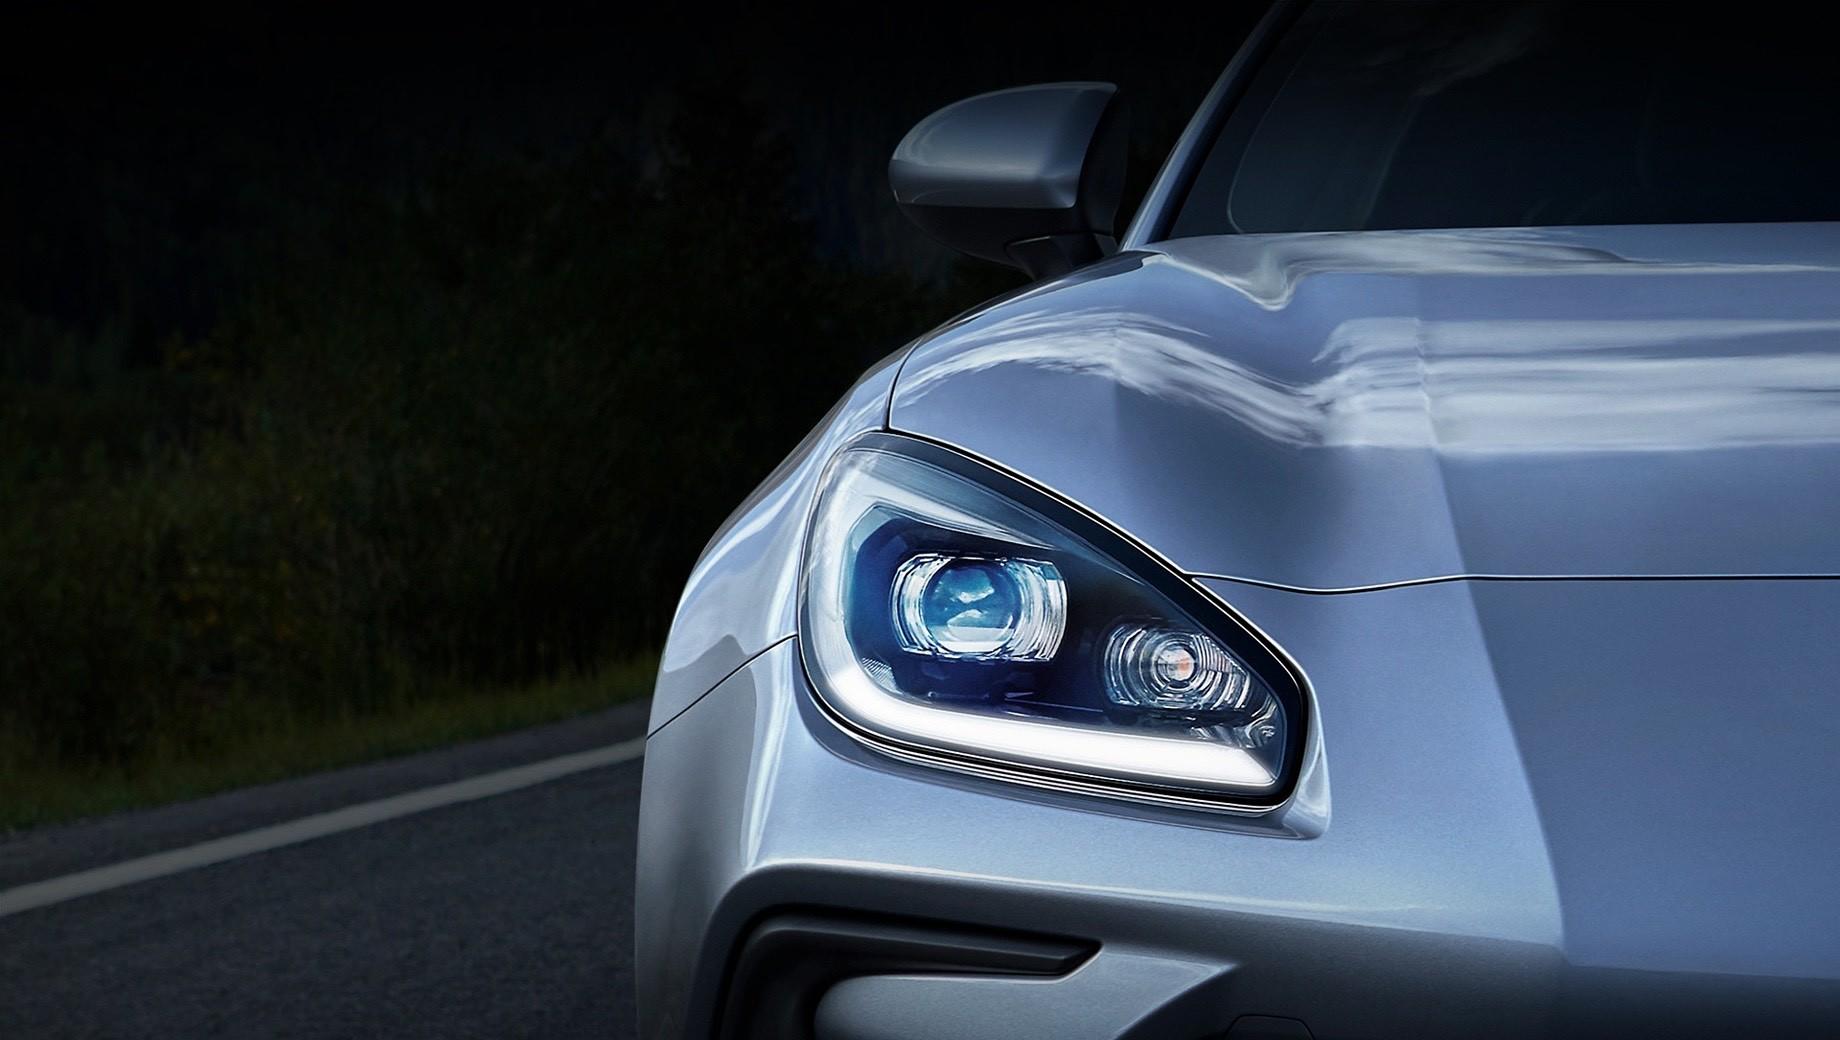 Subaru brz. Дебют Subaru BRZ второй генерации планируется на этот год, а производство на японском заводе — на весну 2021-го. Во второй половине того же года автомобили поступят на рынок США. Предположительно, начальный ценник составит $30 000 (2,32 млн рублей). Сейчас за BRZ просят $28 845 (2,23 млн) без учёта доставки к дилеру.